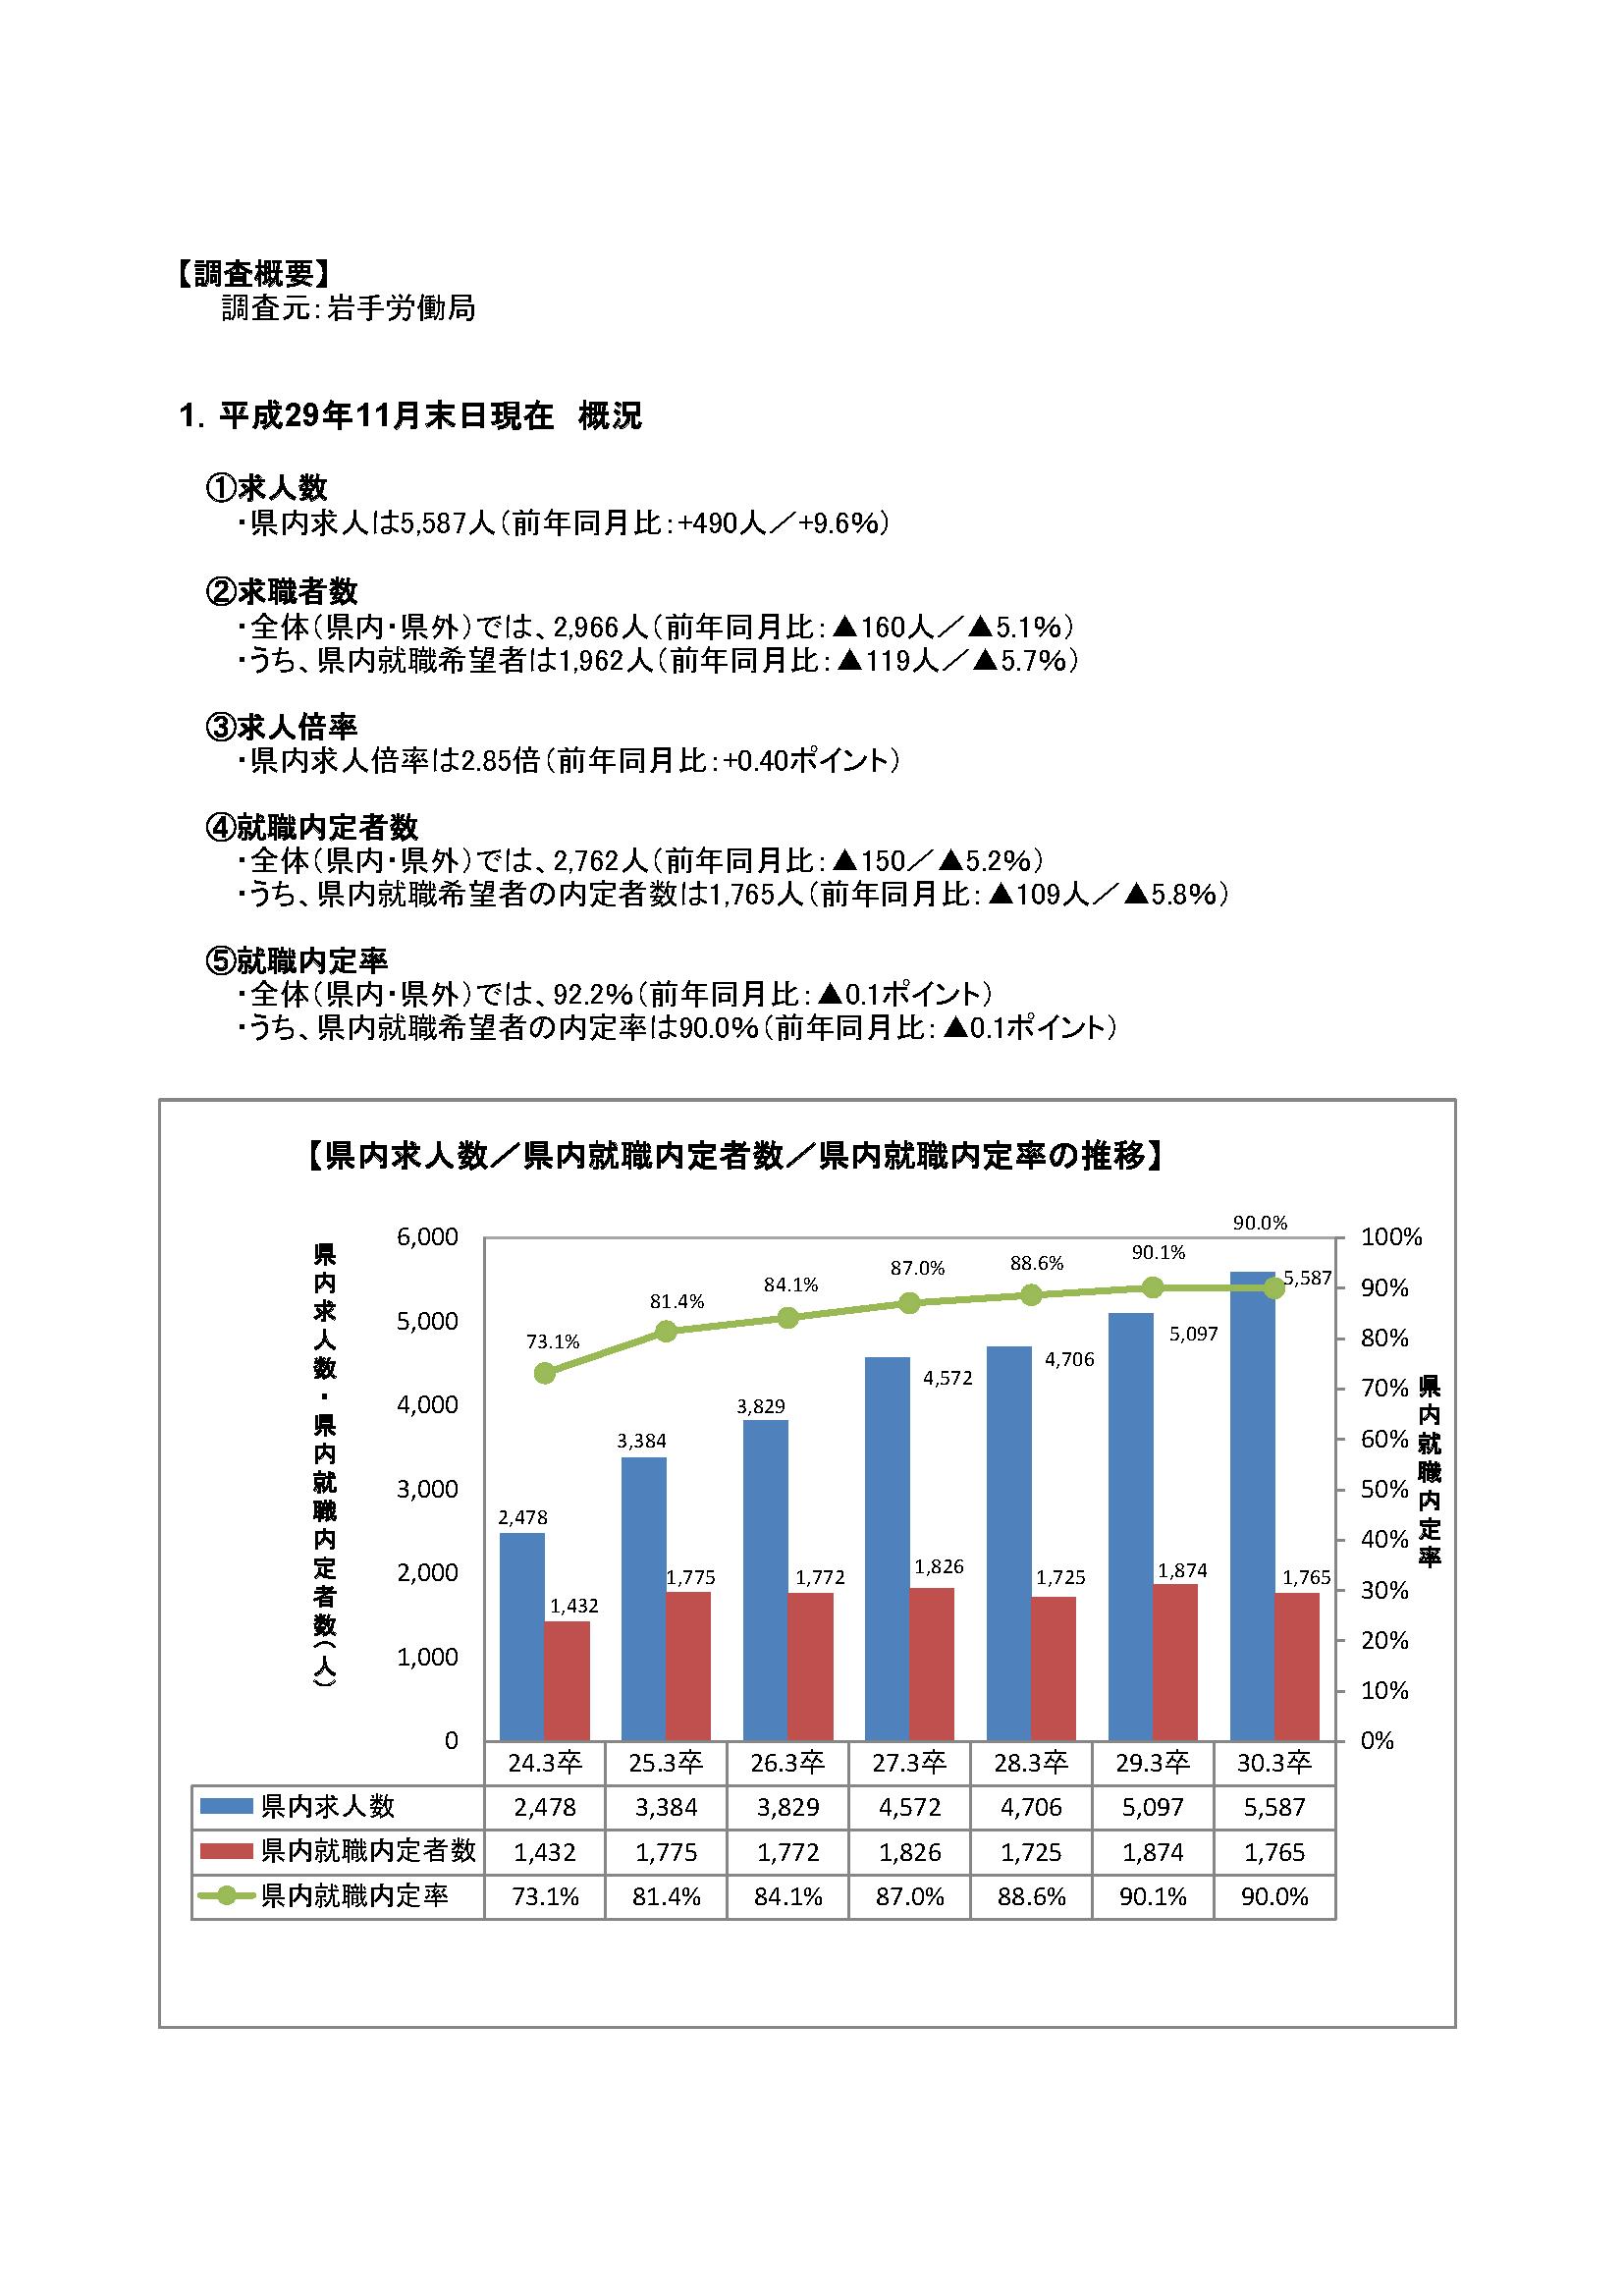 H30.3月高卒者職業紹介状況資料(201711月末現在)